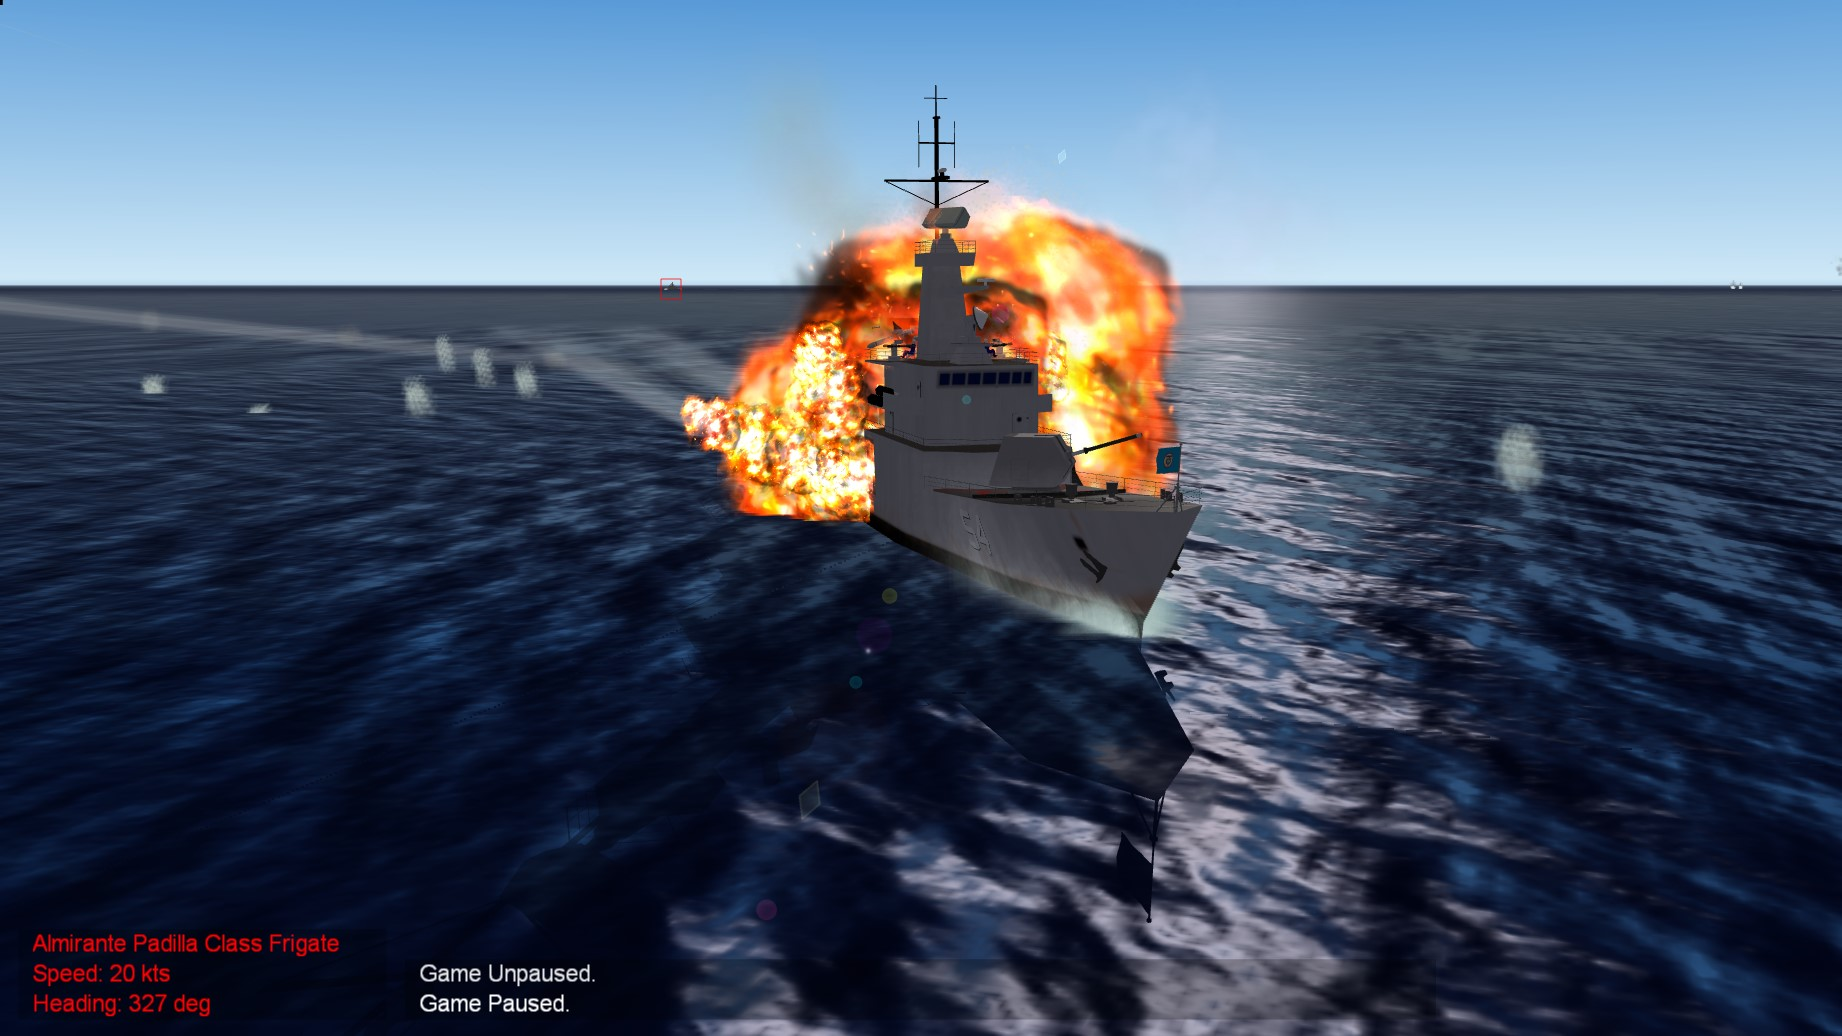 Almirante Padilla Class Light Frigate